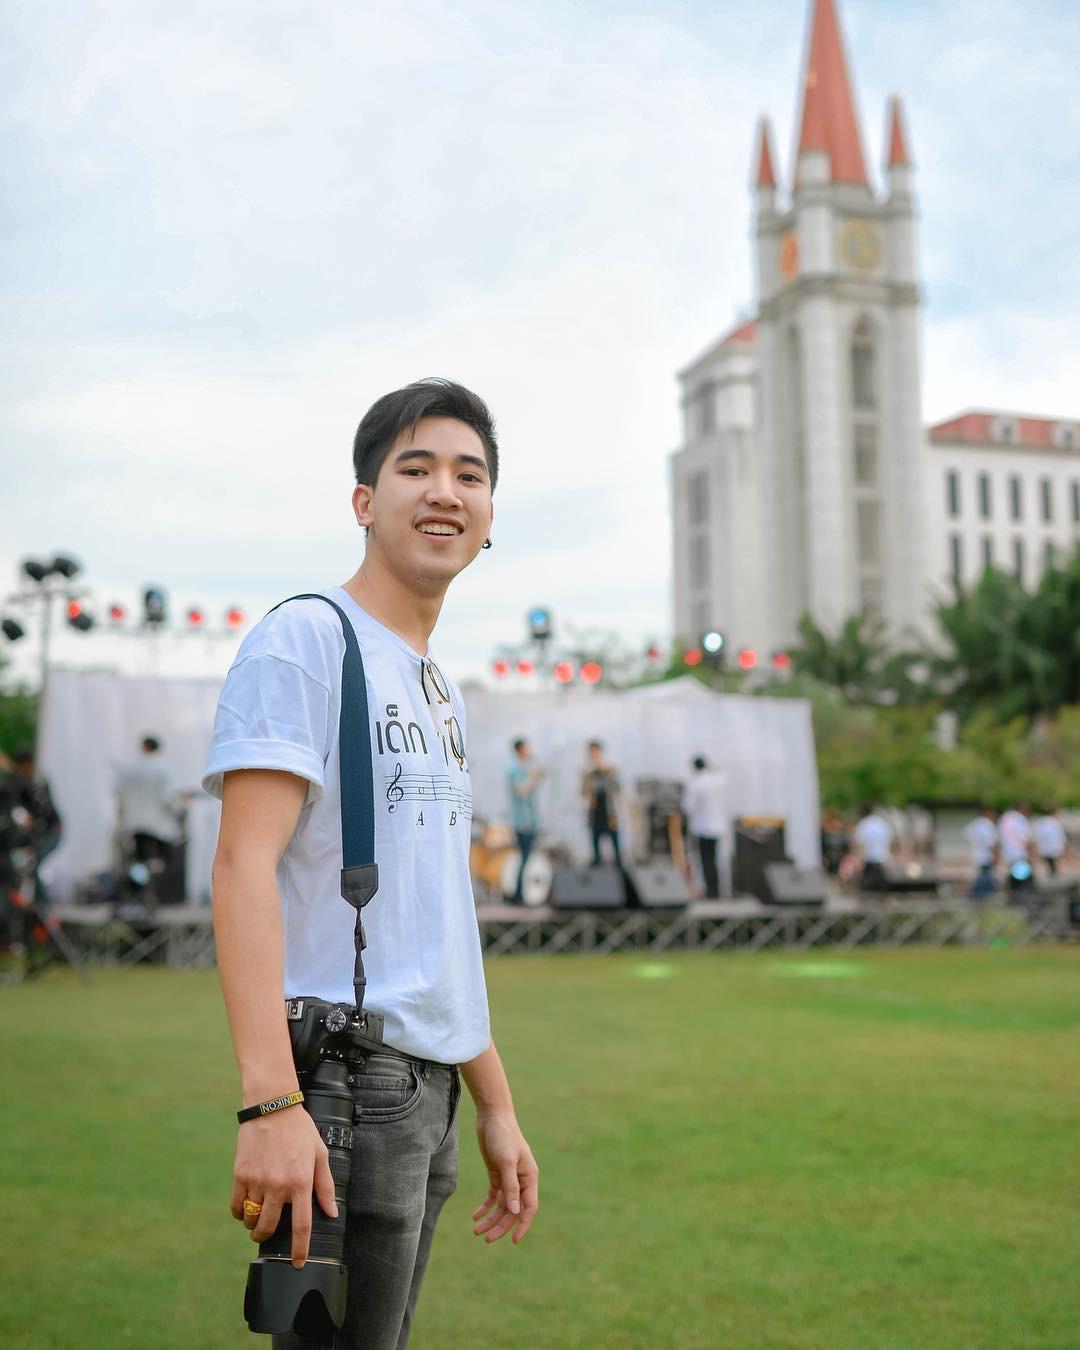 Ở Thái Lan cũng có một ngôi trường mà nơi đó đi 3 bước là gặp trai xinh gái đẹp - Ảnh 15.